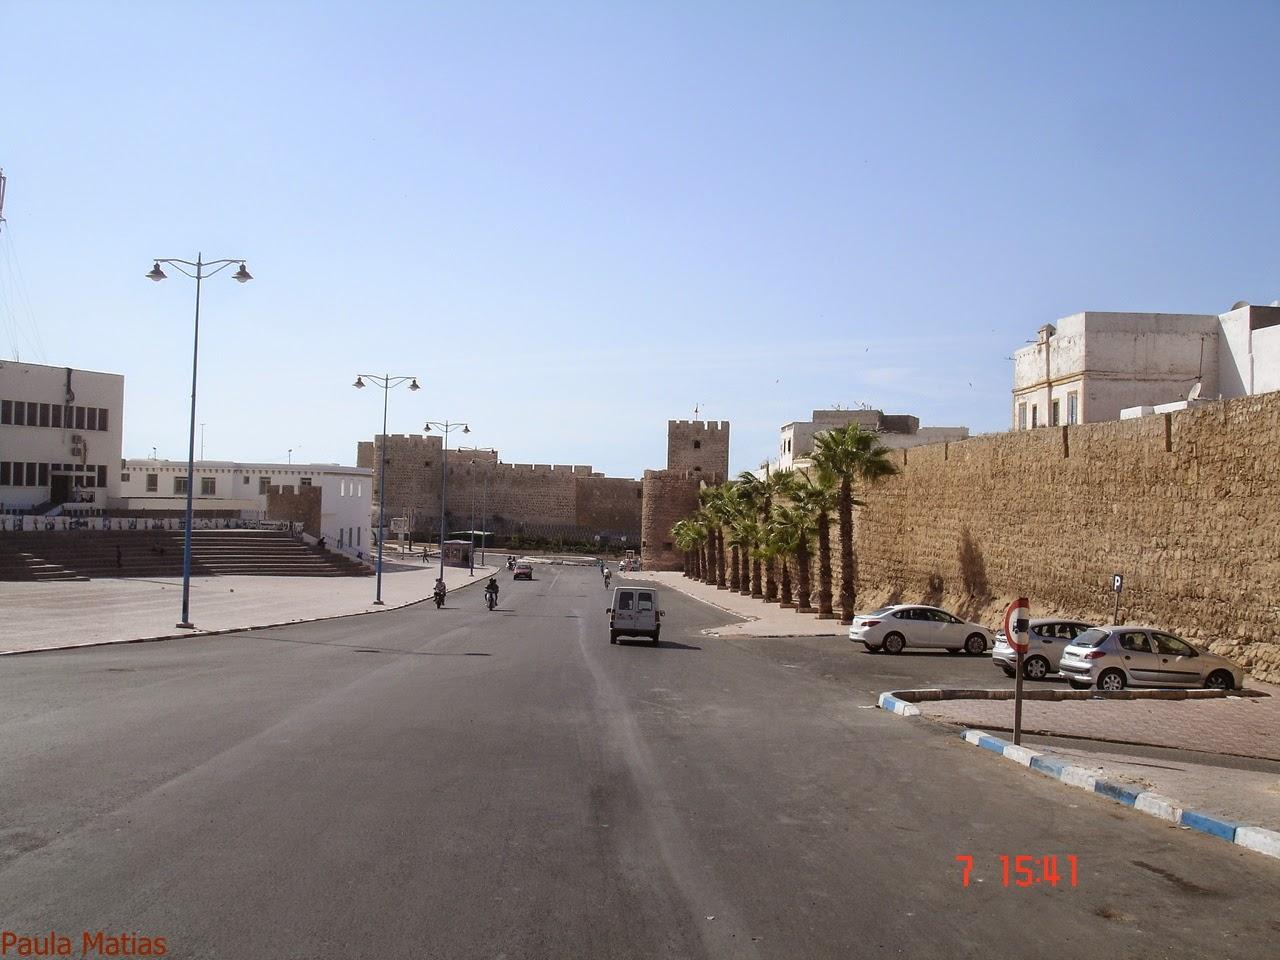 marrocos - Marrocos 2014 - O regresso  DSC03255_new